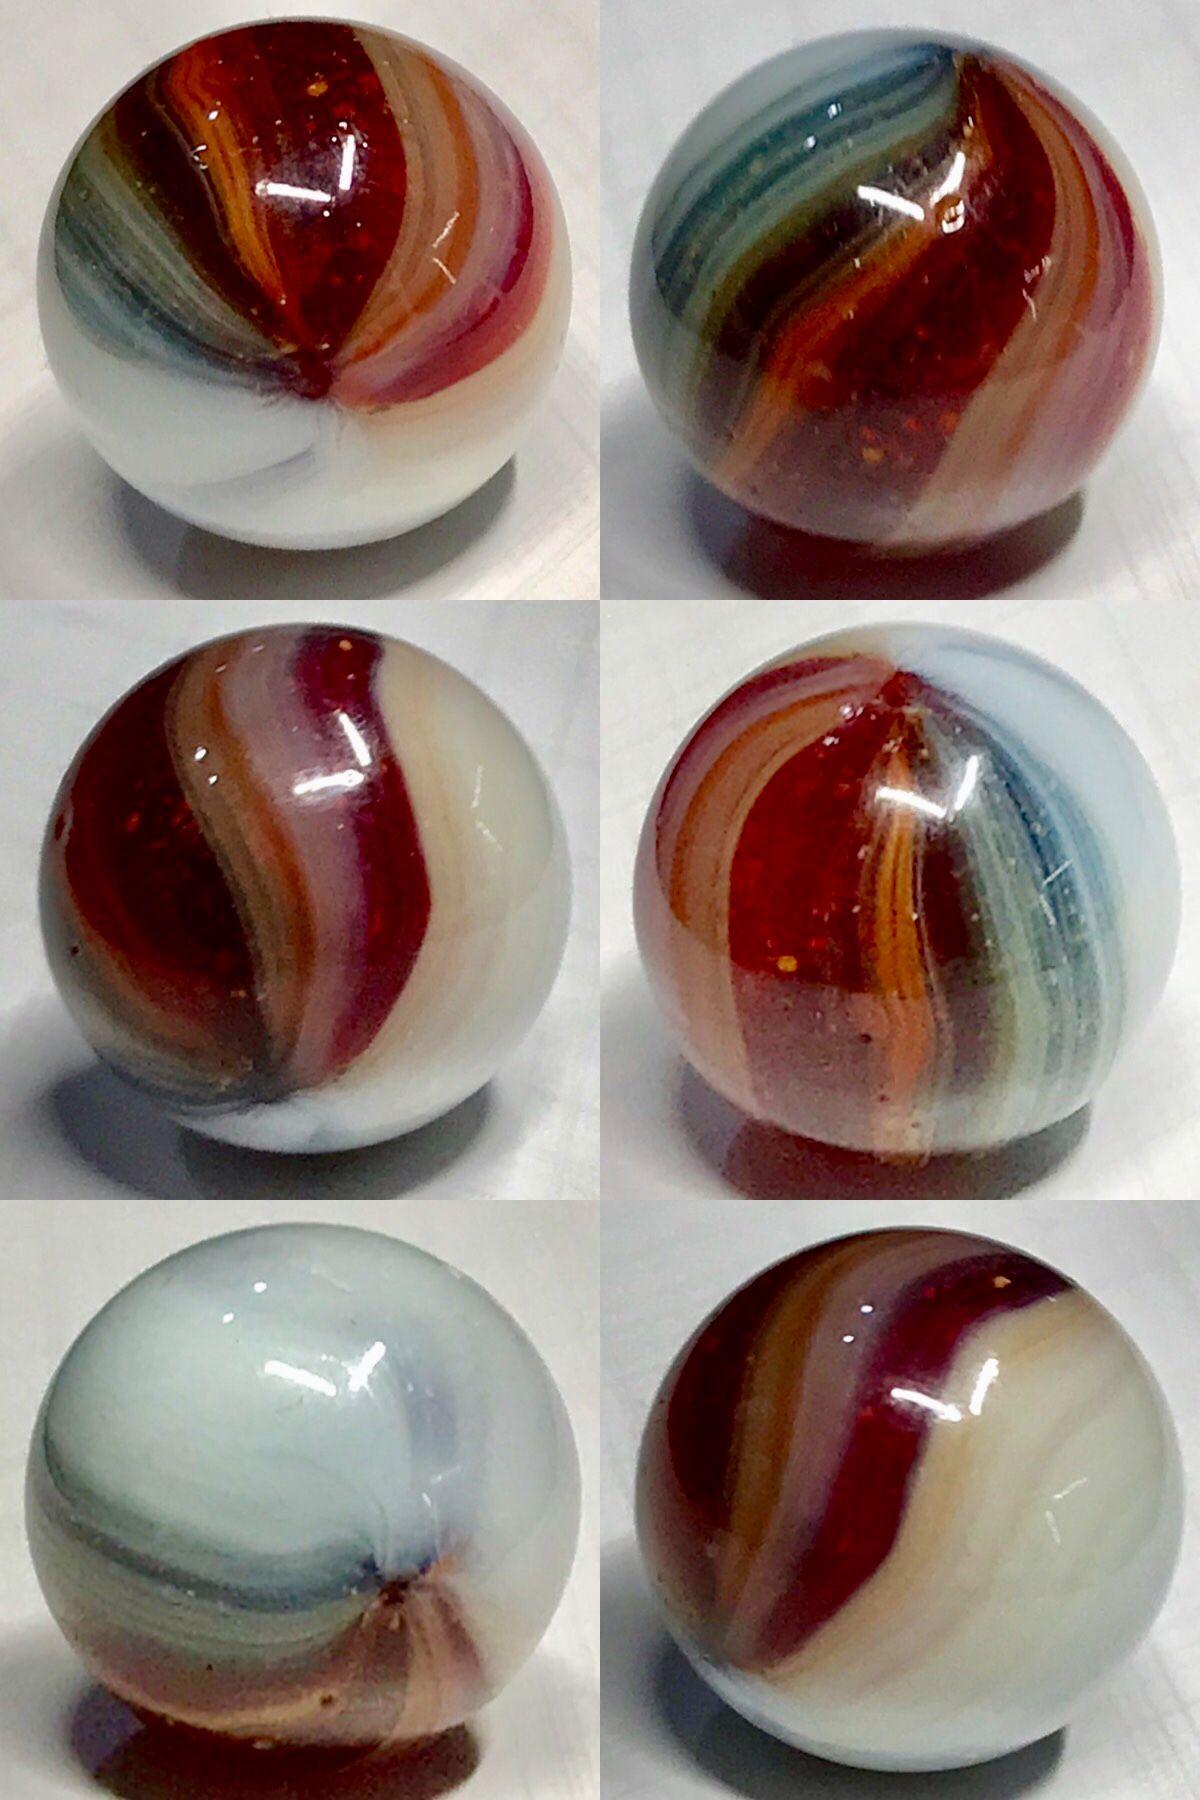 CARLY: Amadahy Balls